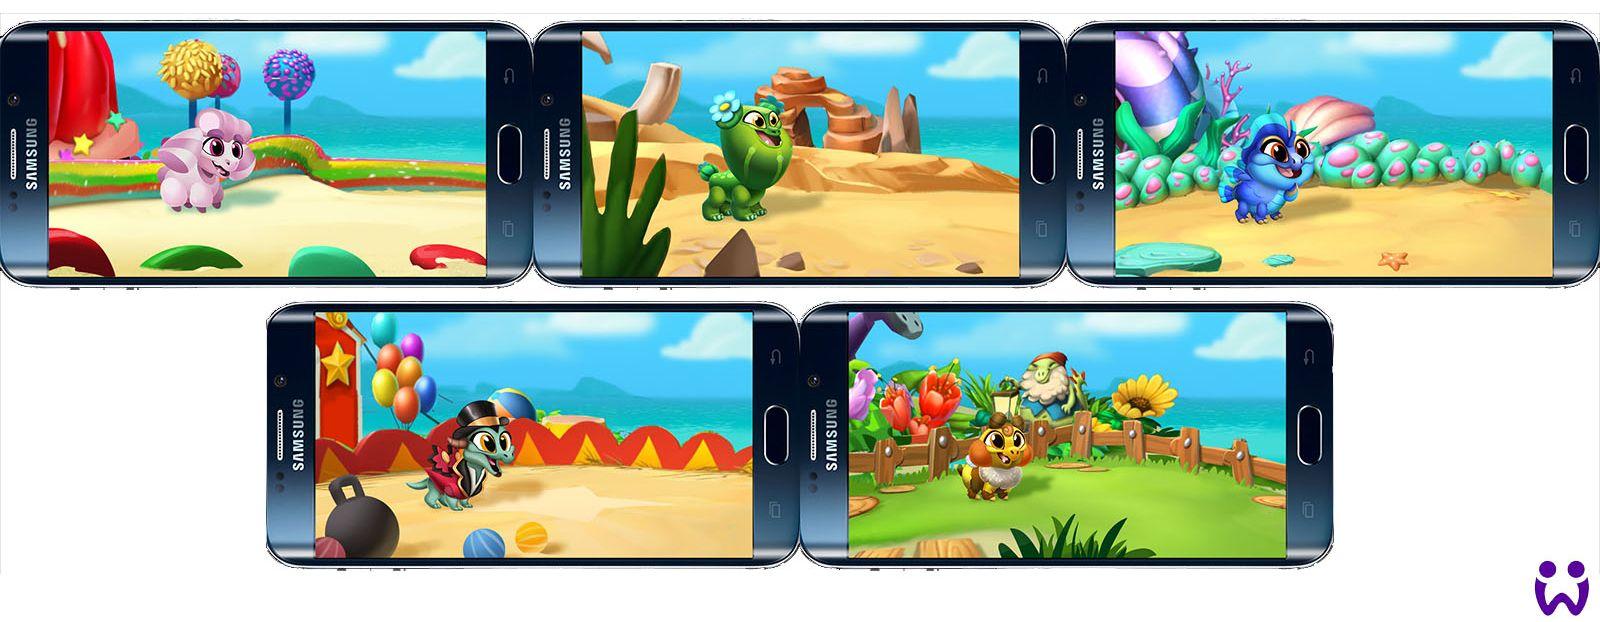 """14 von 25, Szenenhintergründe zur Interaktion mit Wonderlingen. Für das Mobilegame """"Wonderlings"""" von Wooga"""